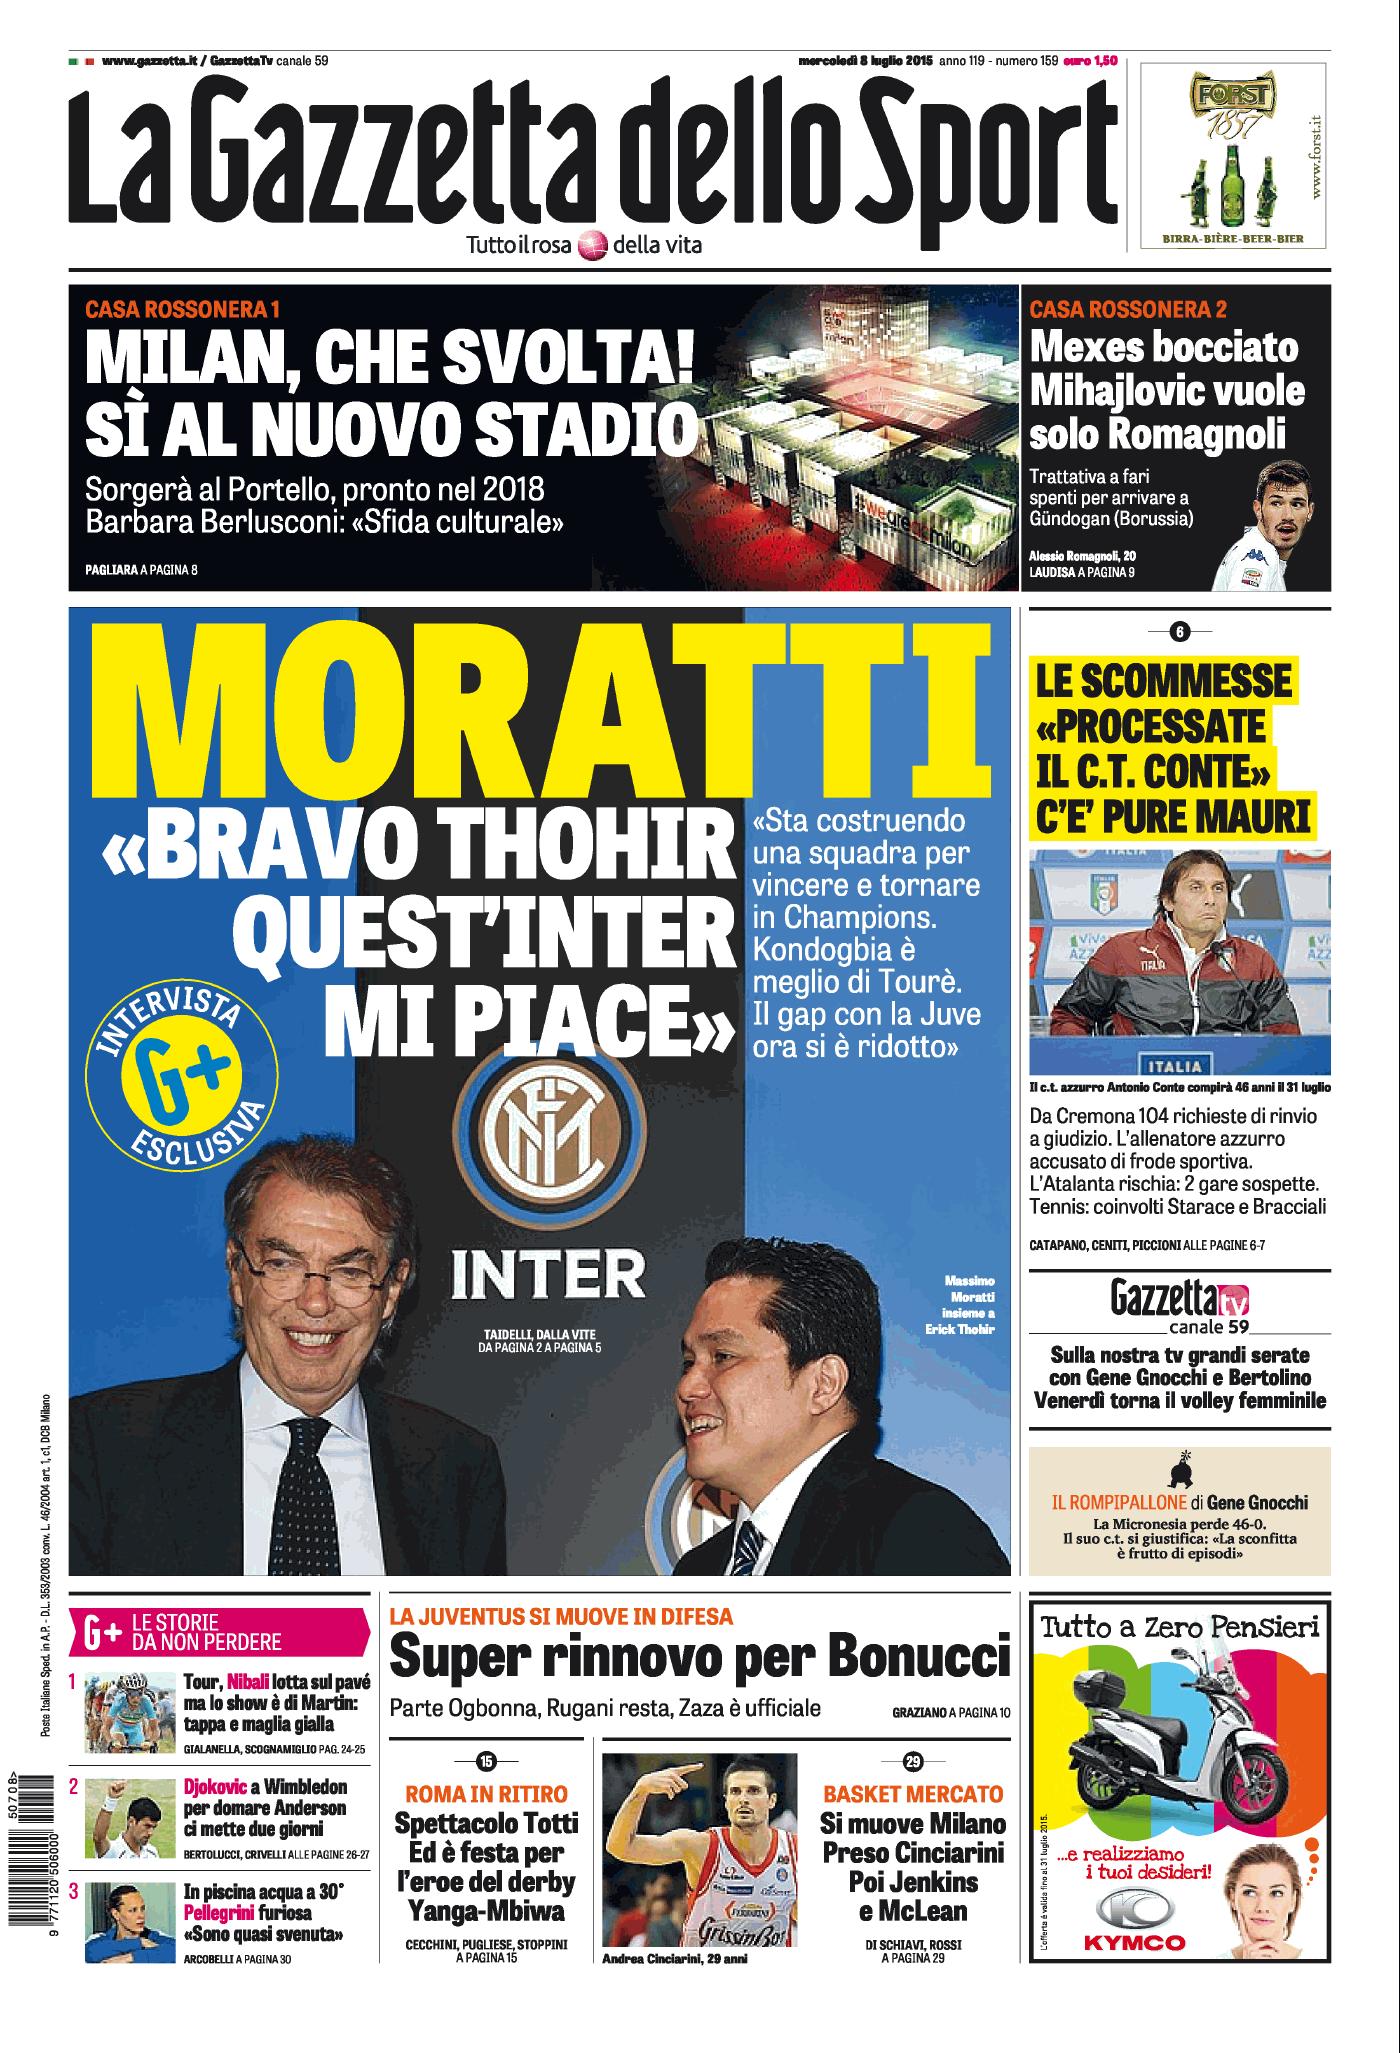 La rassegna stampa dei quotidiani italiani e sportivi